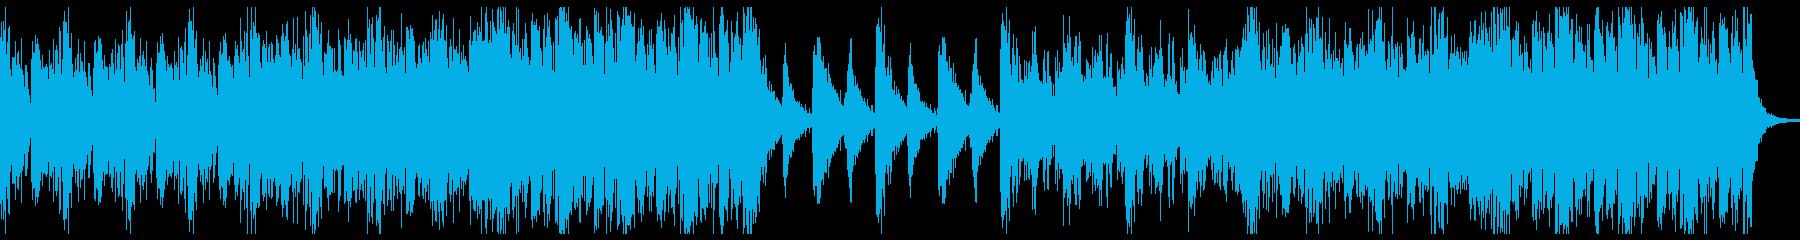 打楽器による躍動感のあるBGMの再生済みの波形